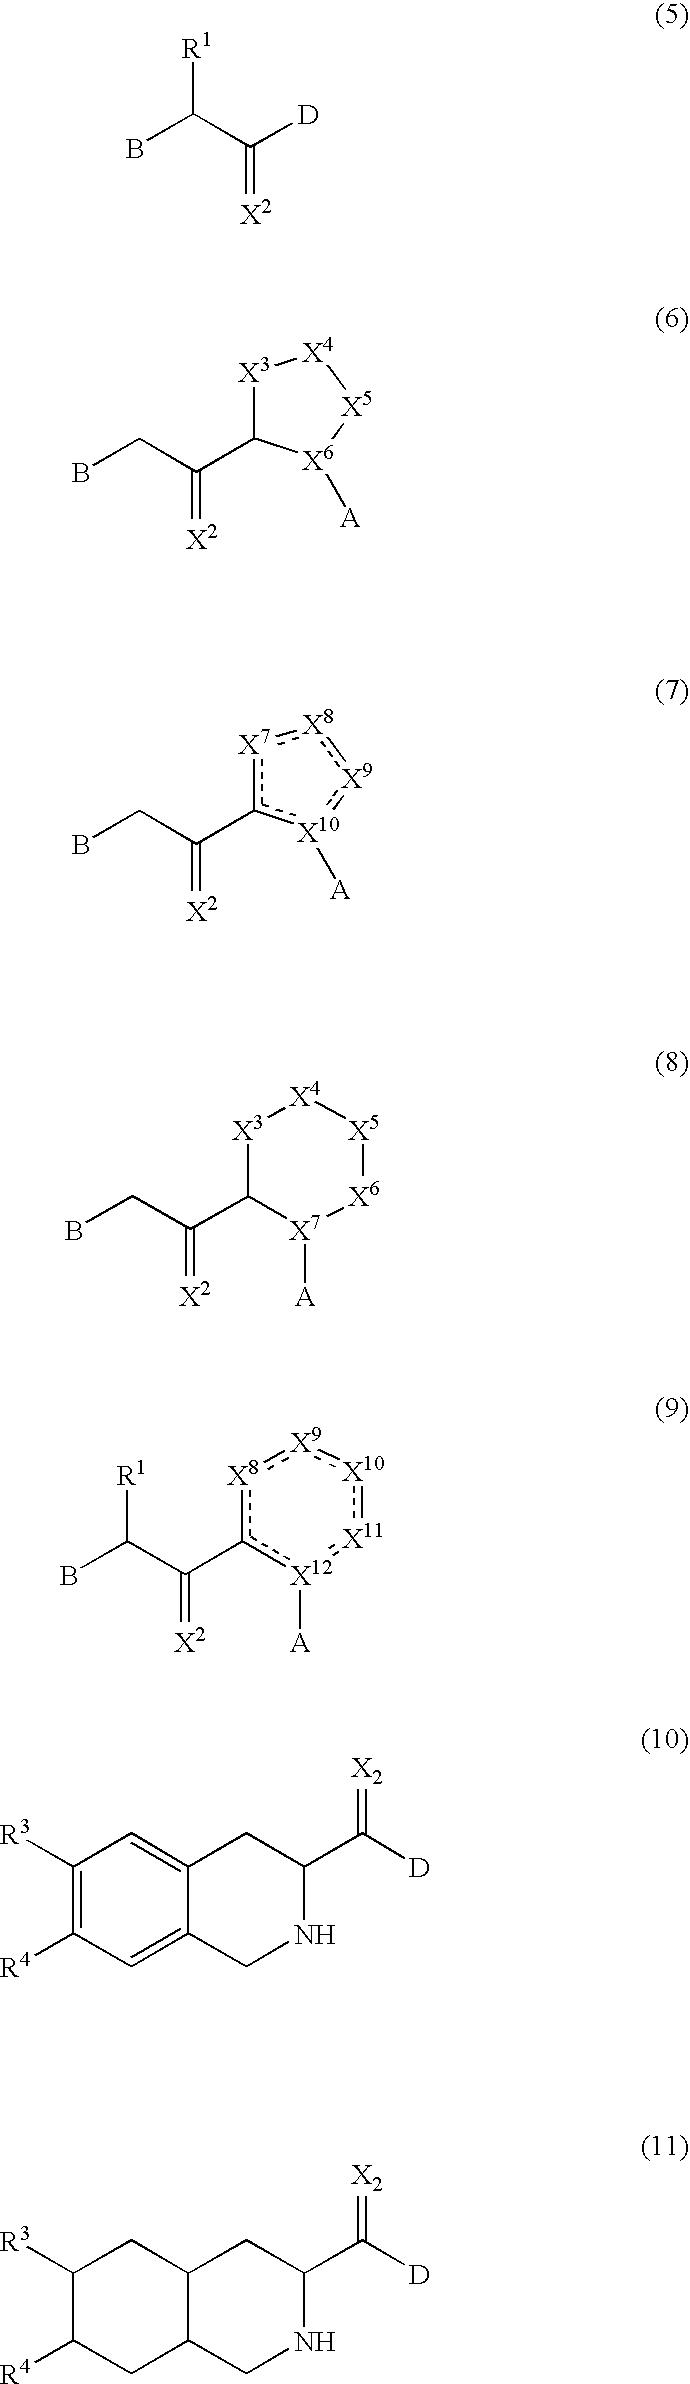 Figure US07368421-20080506-C00006